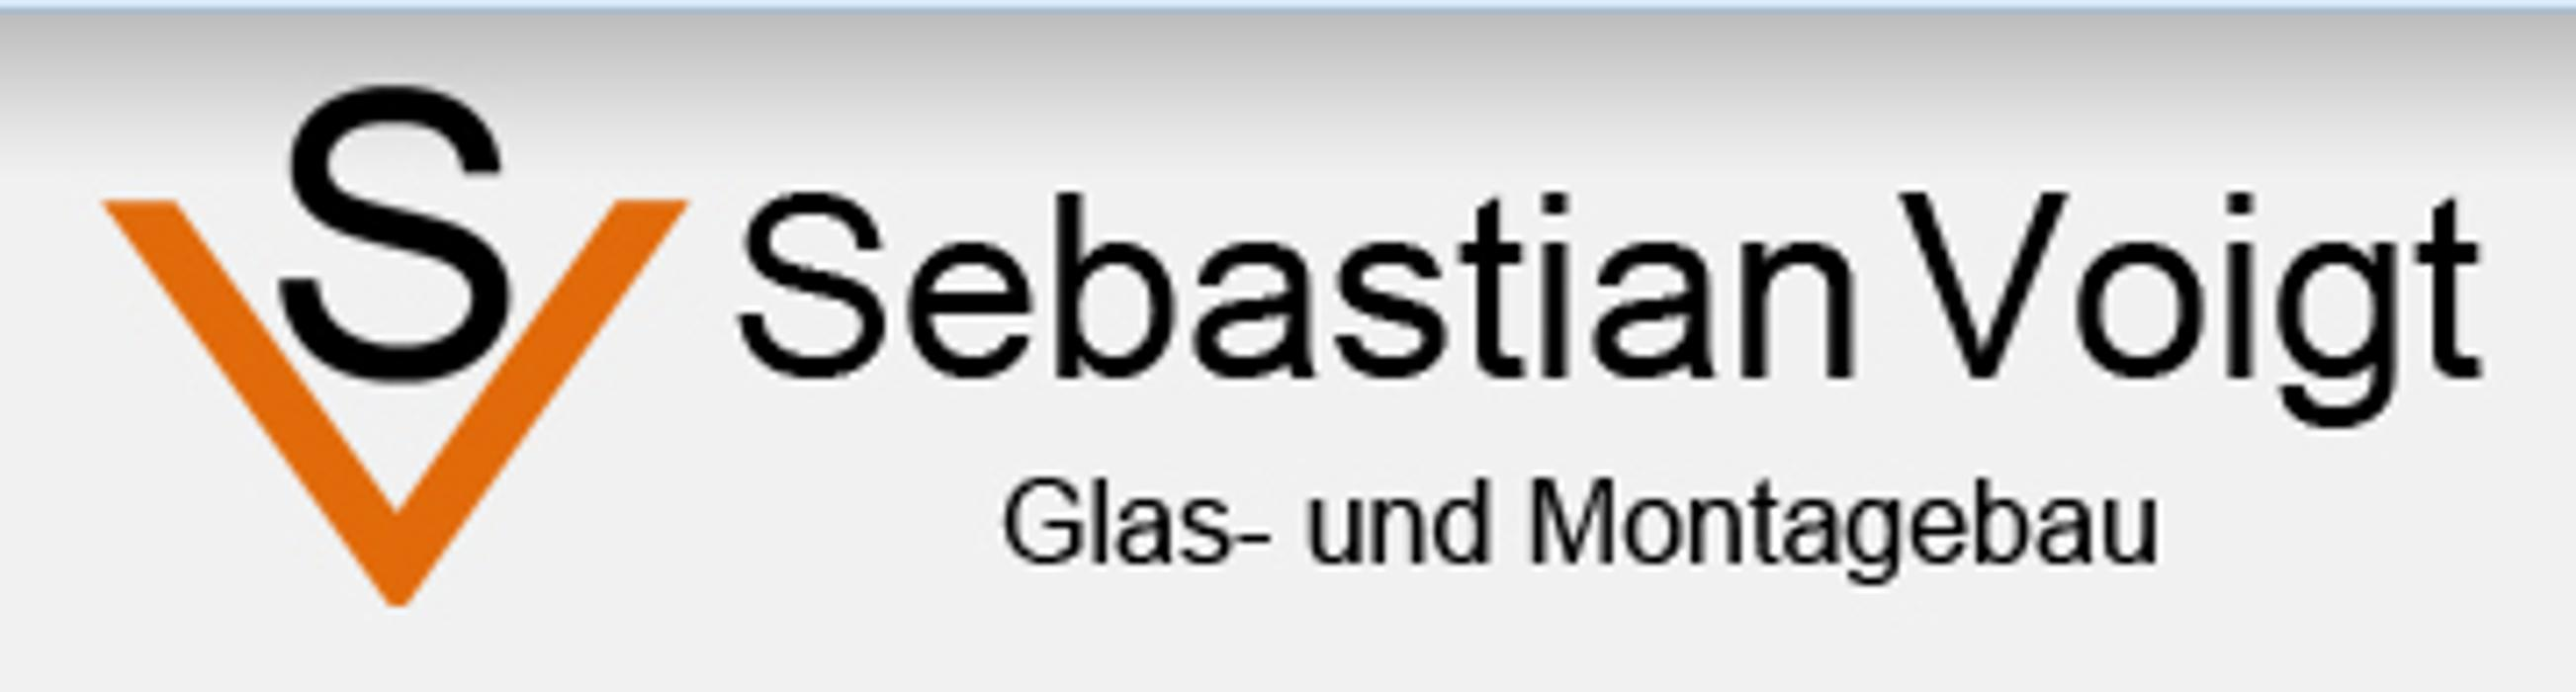 Bild zu Sebastian Voigt Glasbau in Mörfelden Walldorf